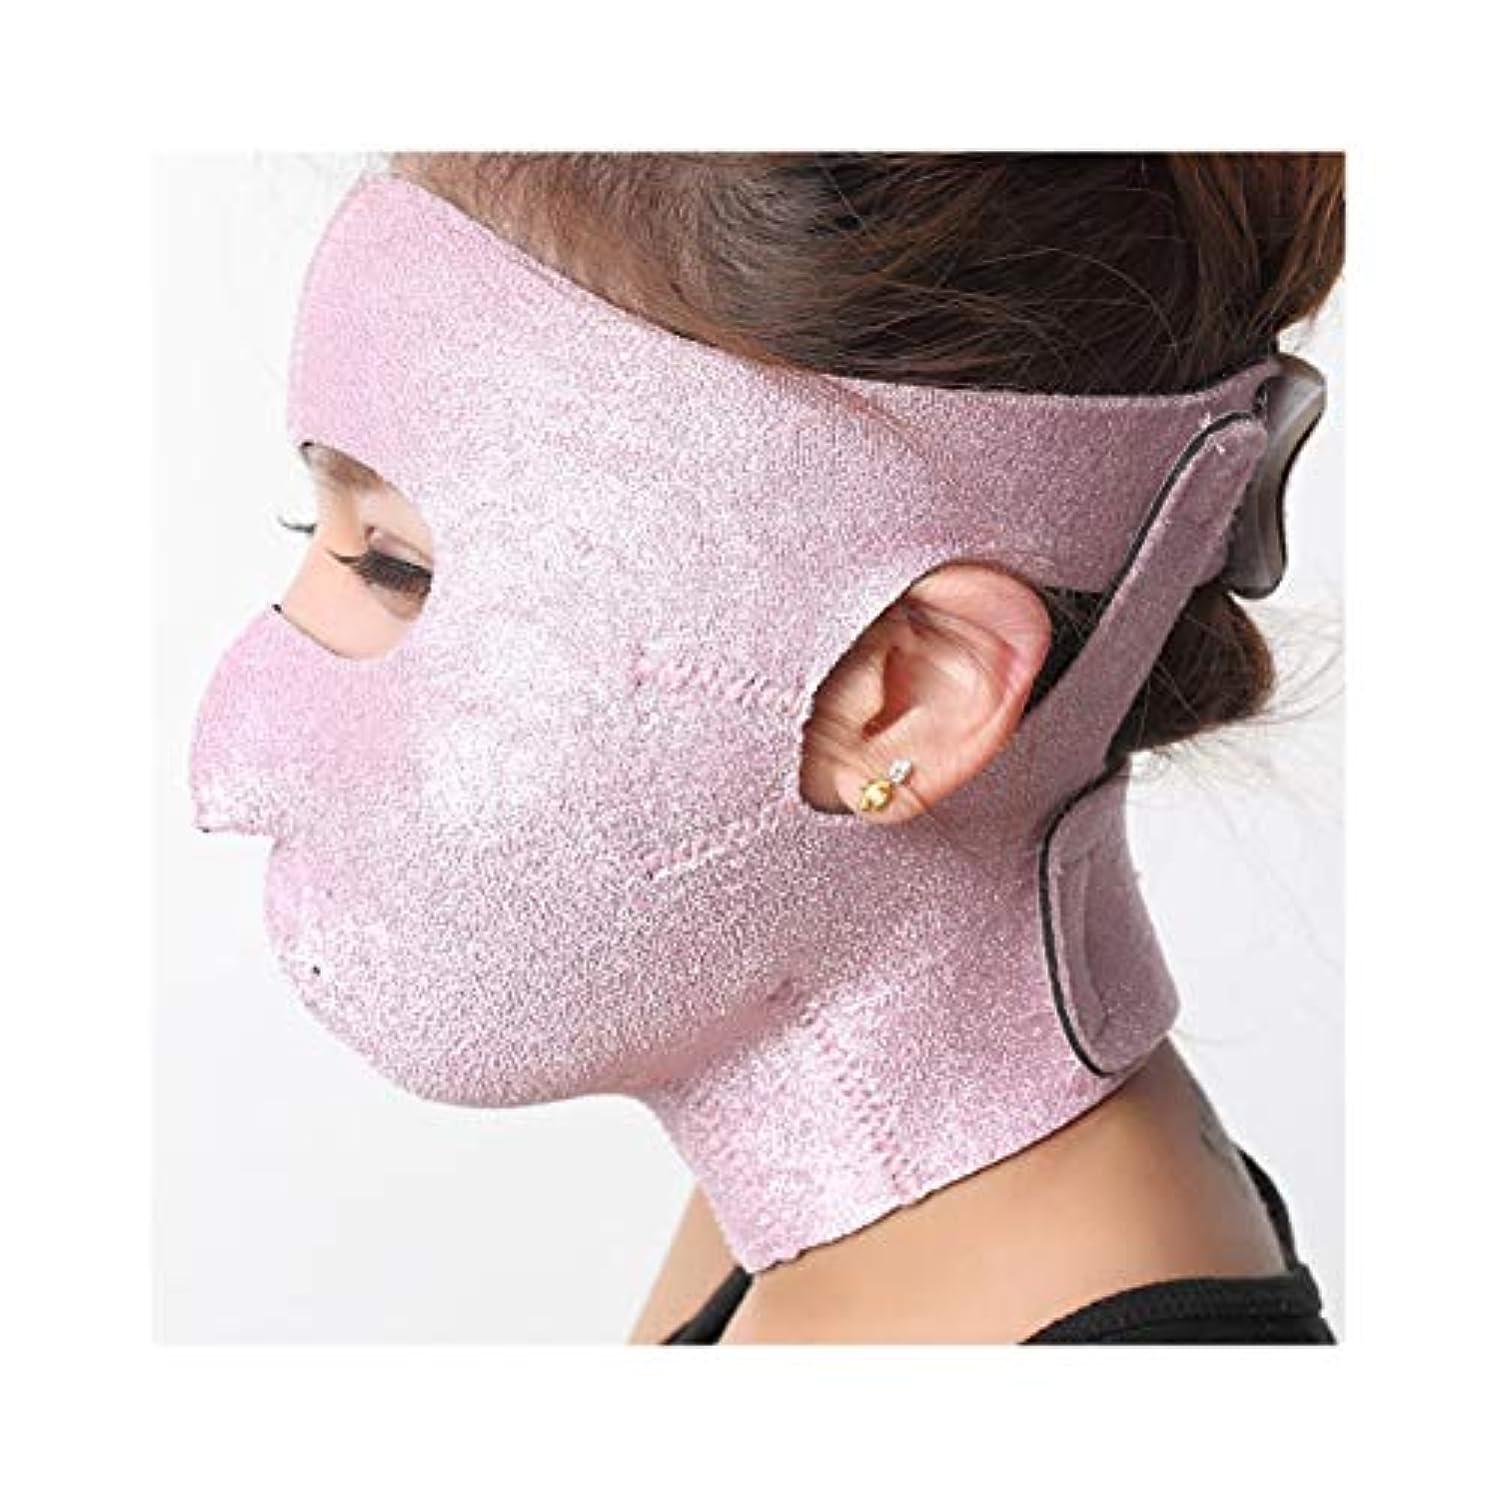 ベギン解釈するモザイクGLJJQMY 引き締めマスク小さなVフェイスアーティファクト睡眠薄いフェイス包帯マスクと引き締めマスク引き締めクリームフェイスリフトフェイスメロン 顔用整形マスク